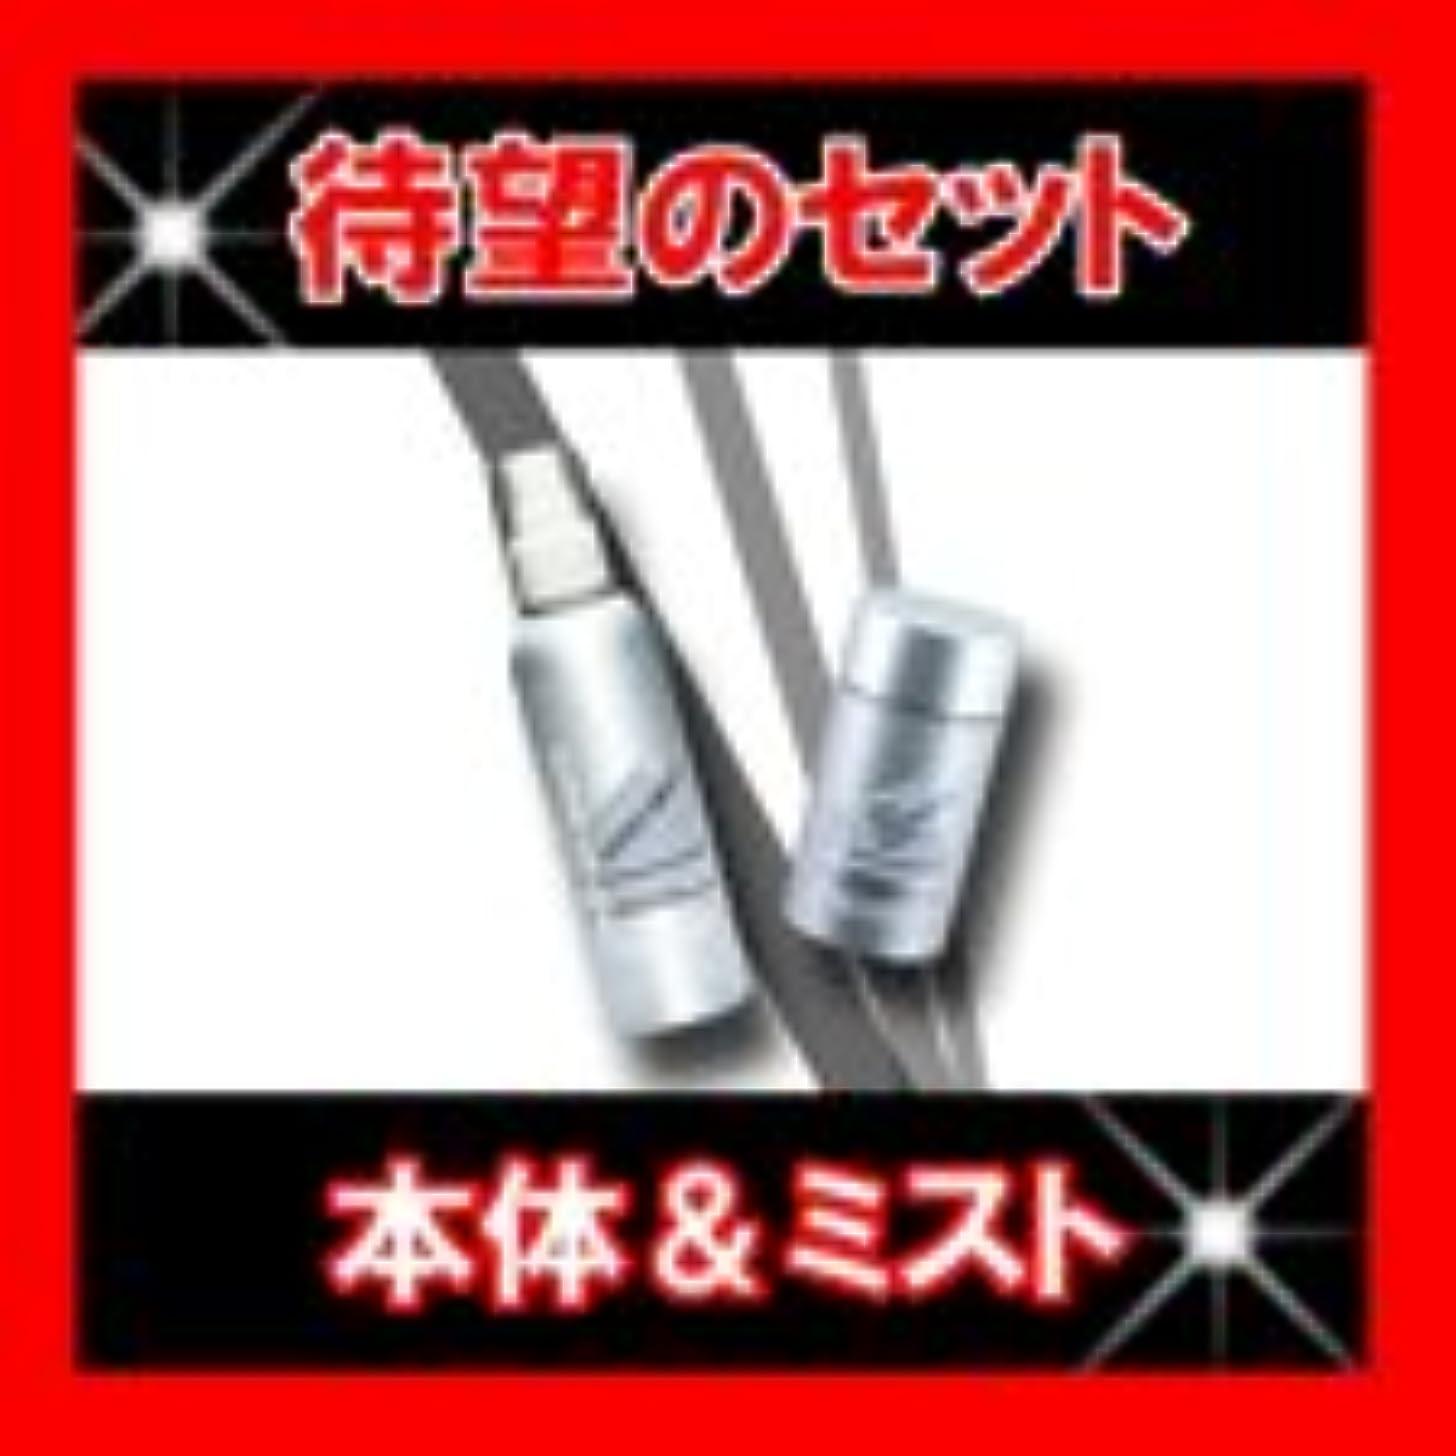 絞るリア王植物のルアン スーパーミリオンヘアー 30g No.1 【ブラック】+スーパーミリオン ミスト 165mlセット